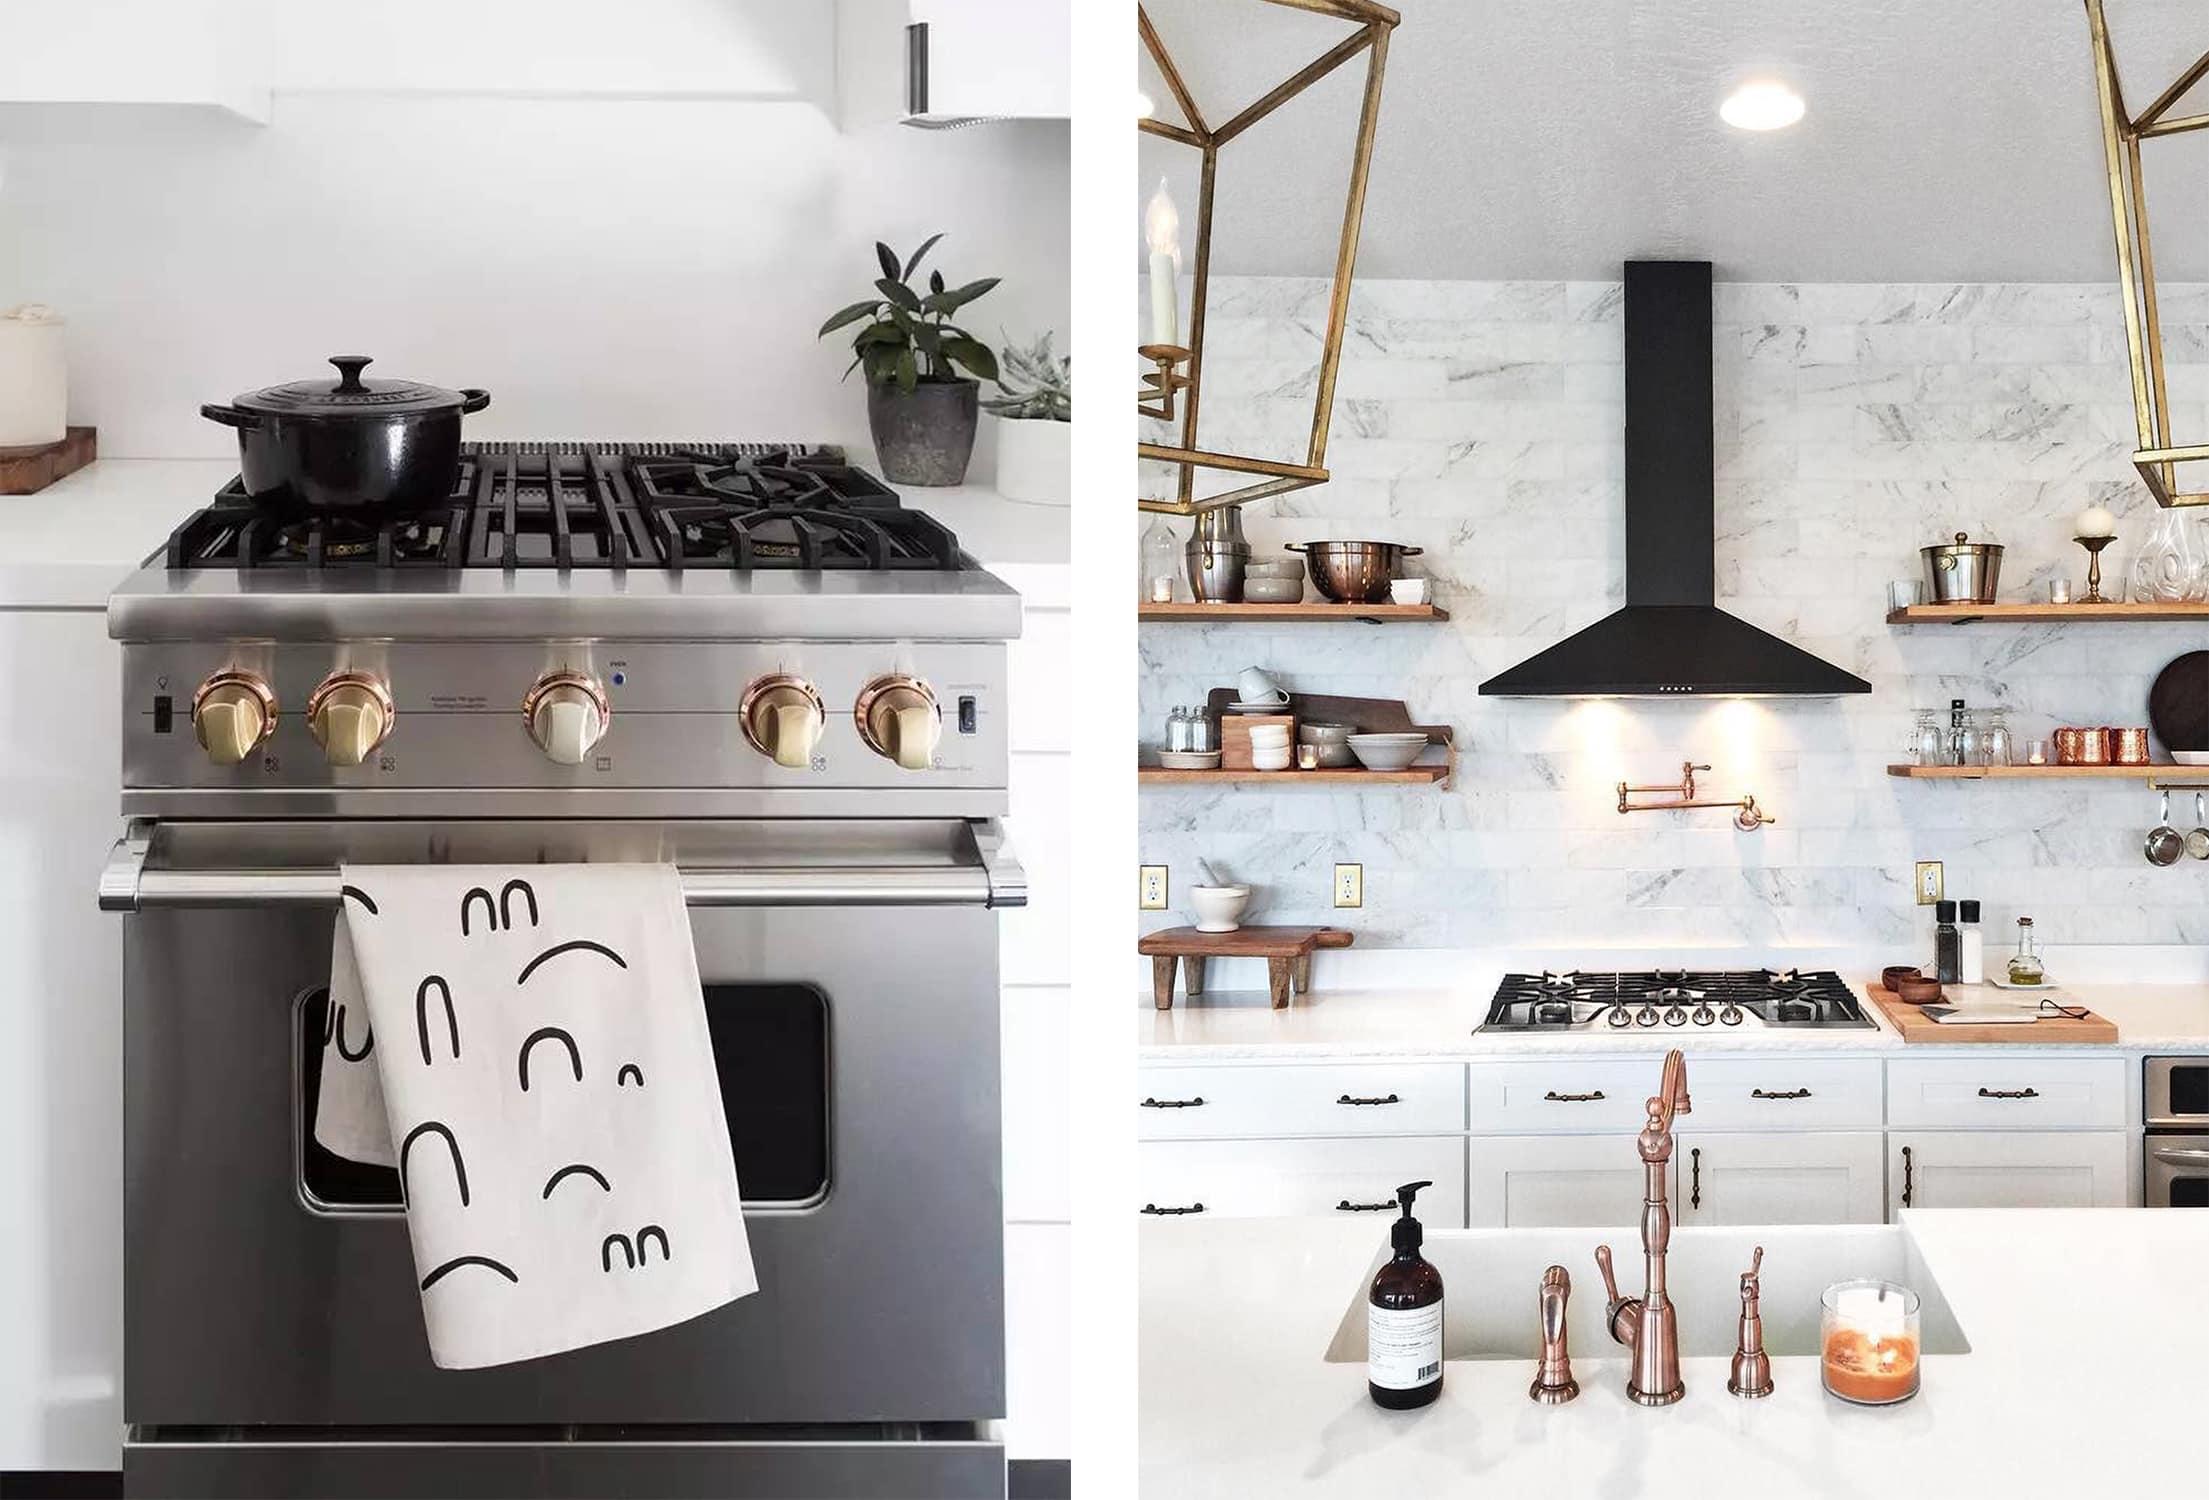 Mixed Metals In The Kitchen Darci Hether